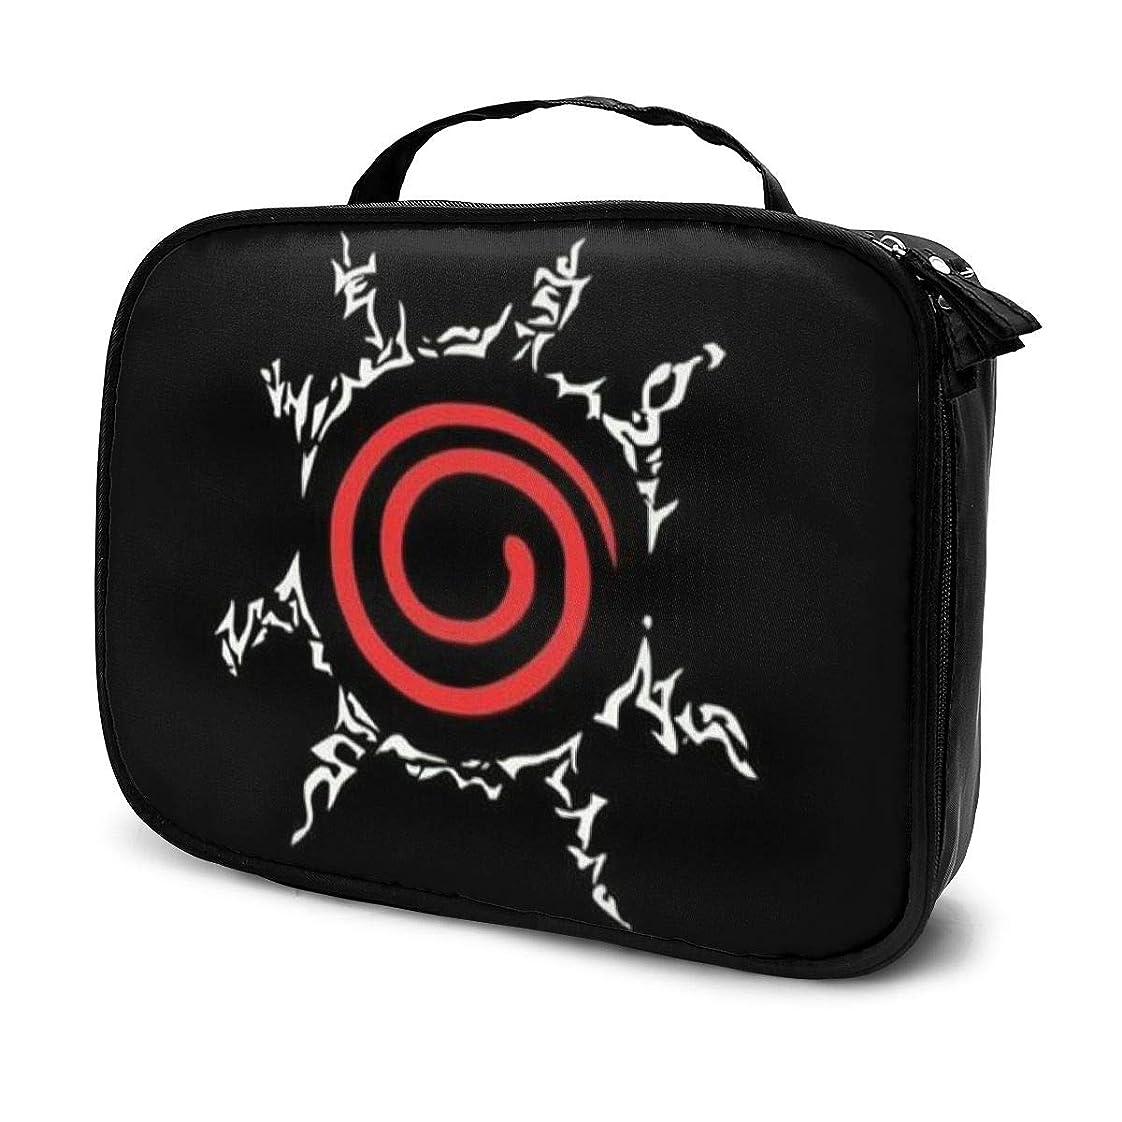 ところで仮定する上陸Daituナルト 化粧品袋の女性旅行バッグ収納大容量防水アクセサリー旅行